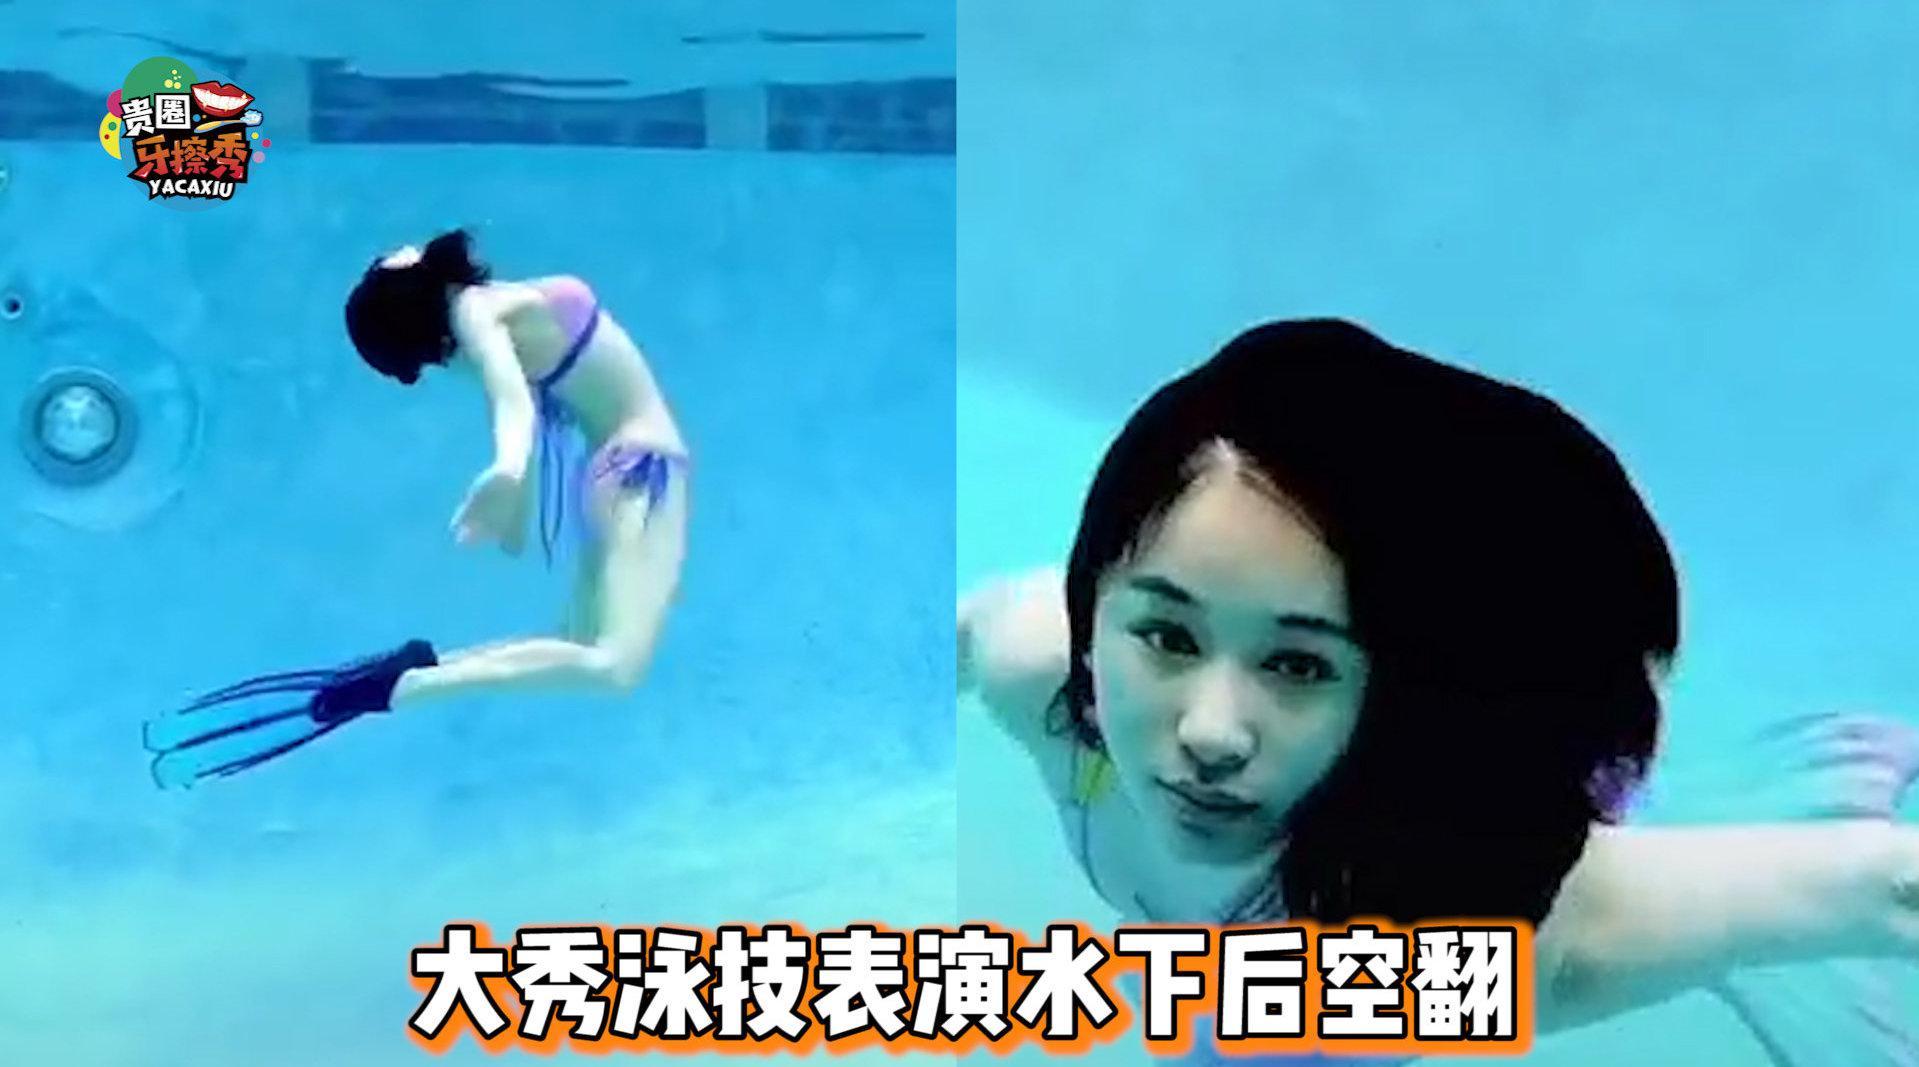 王子文穿比基尼游泳身材火辣,大秀泳技表演水下后空翻